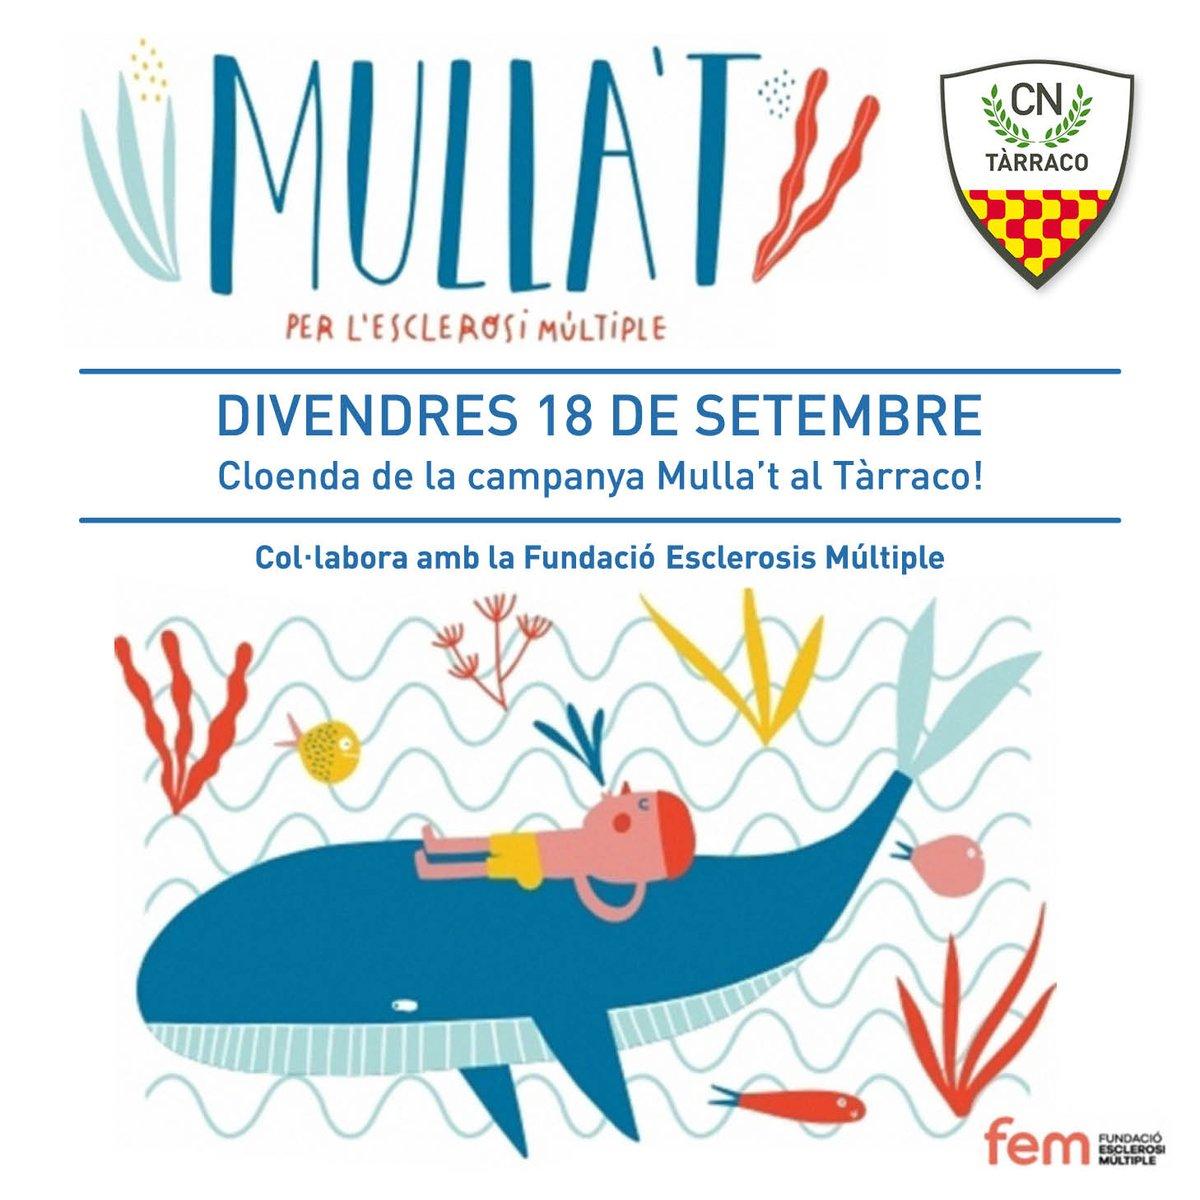 Divendres 18, darrer dia, per a les aportacions o compres per al Mulla't al Club! #mullat #cntarraco #mullatperlesclerosimultiple https://t.co/BYeWfnDHYE